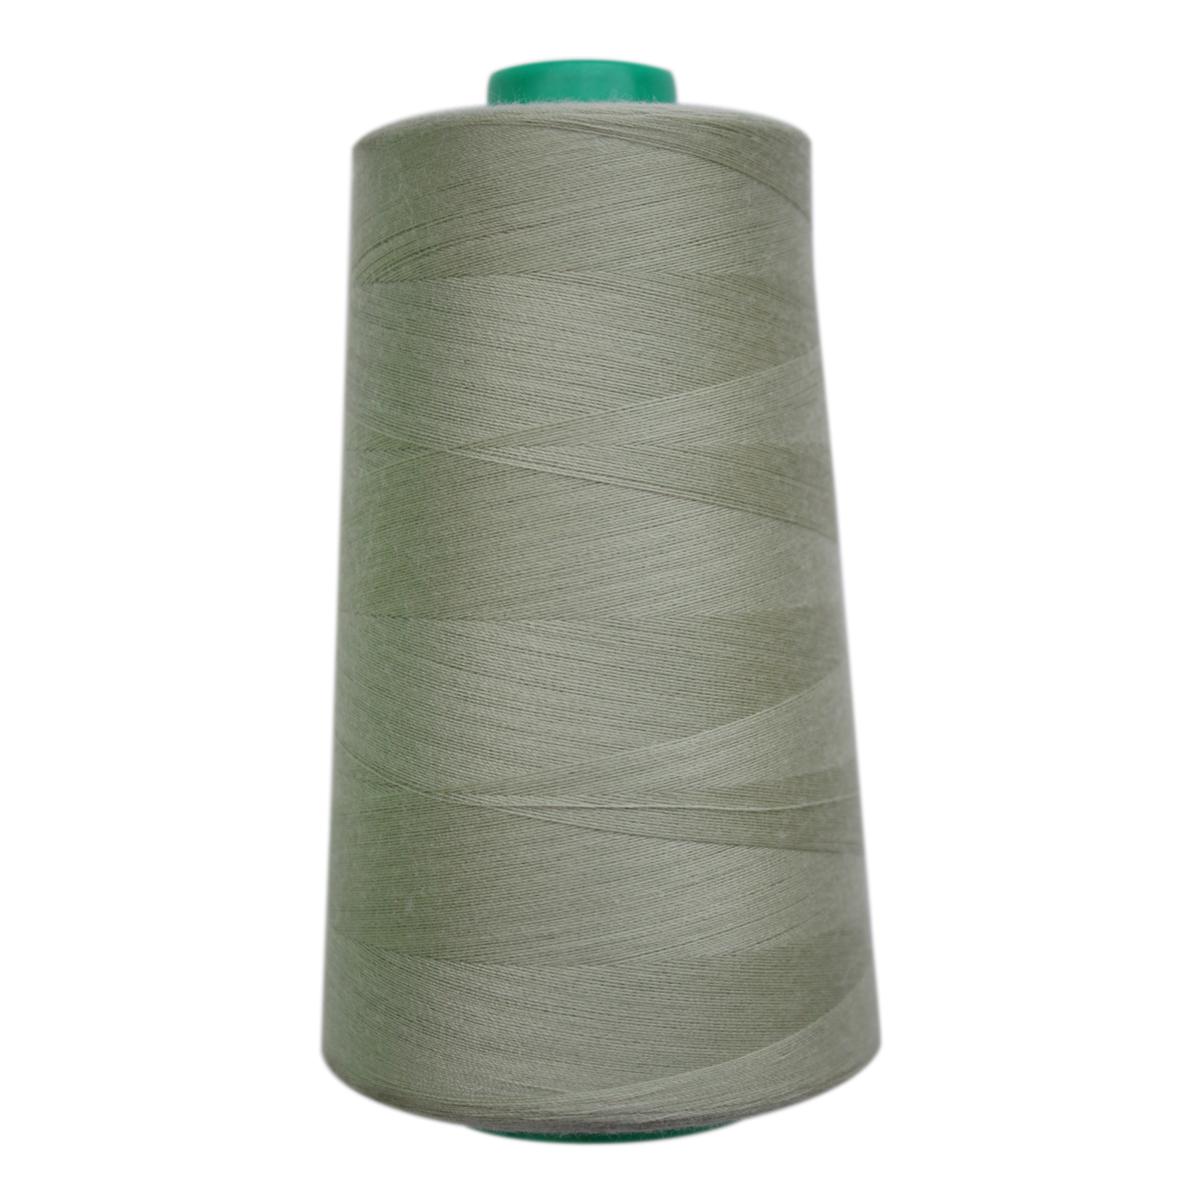 Нитки для шитья Bestex 50/2, 5000 ярд, цвет: серо-салатовый (123)7700936-123Сфера использования: трикотаж; ткани малого веса; оверлочные швы; отделка краев; вышивка. Размер игл №70-80